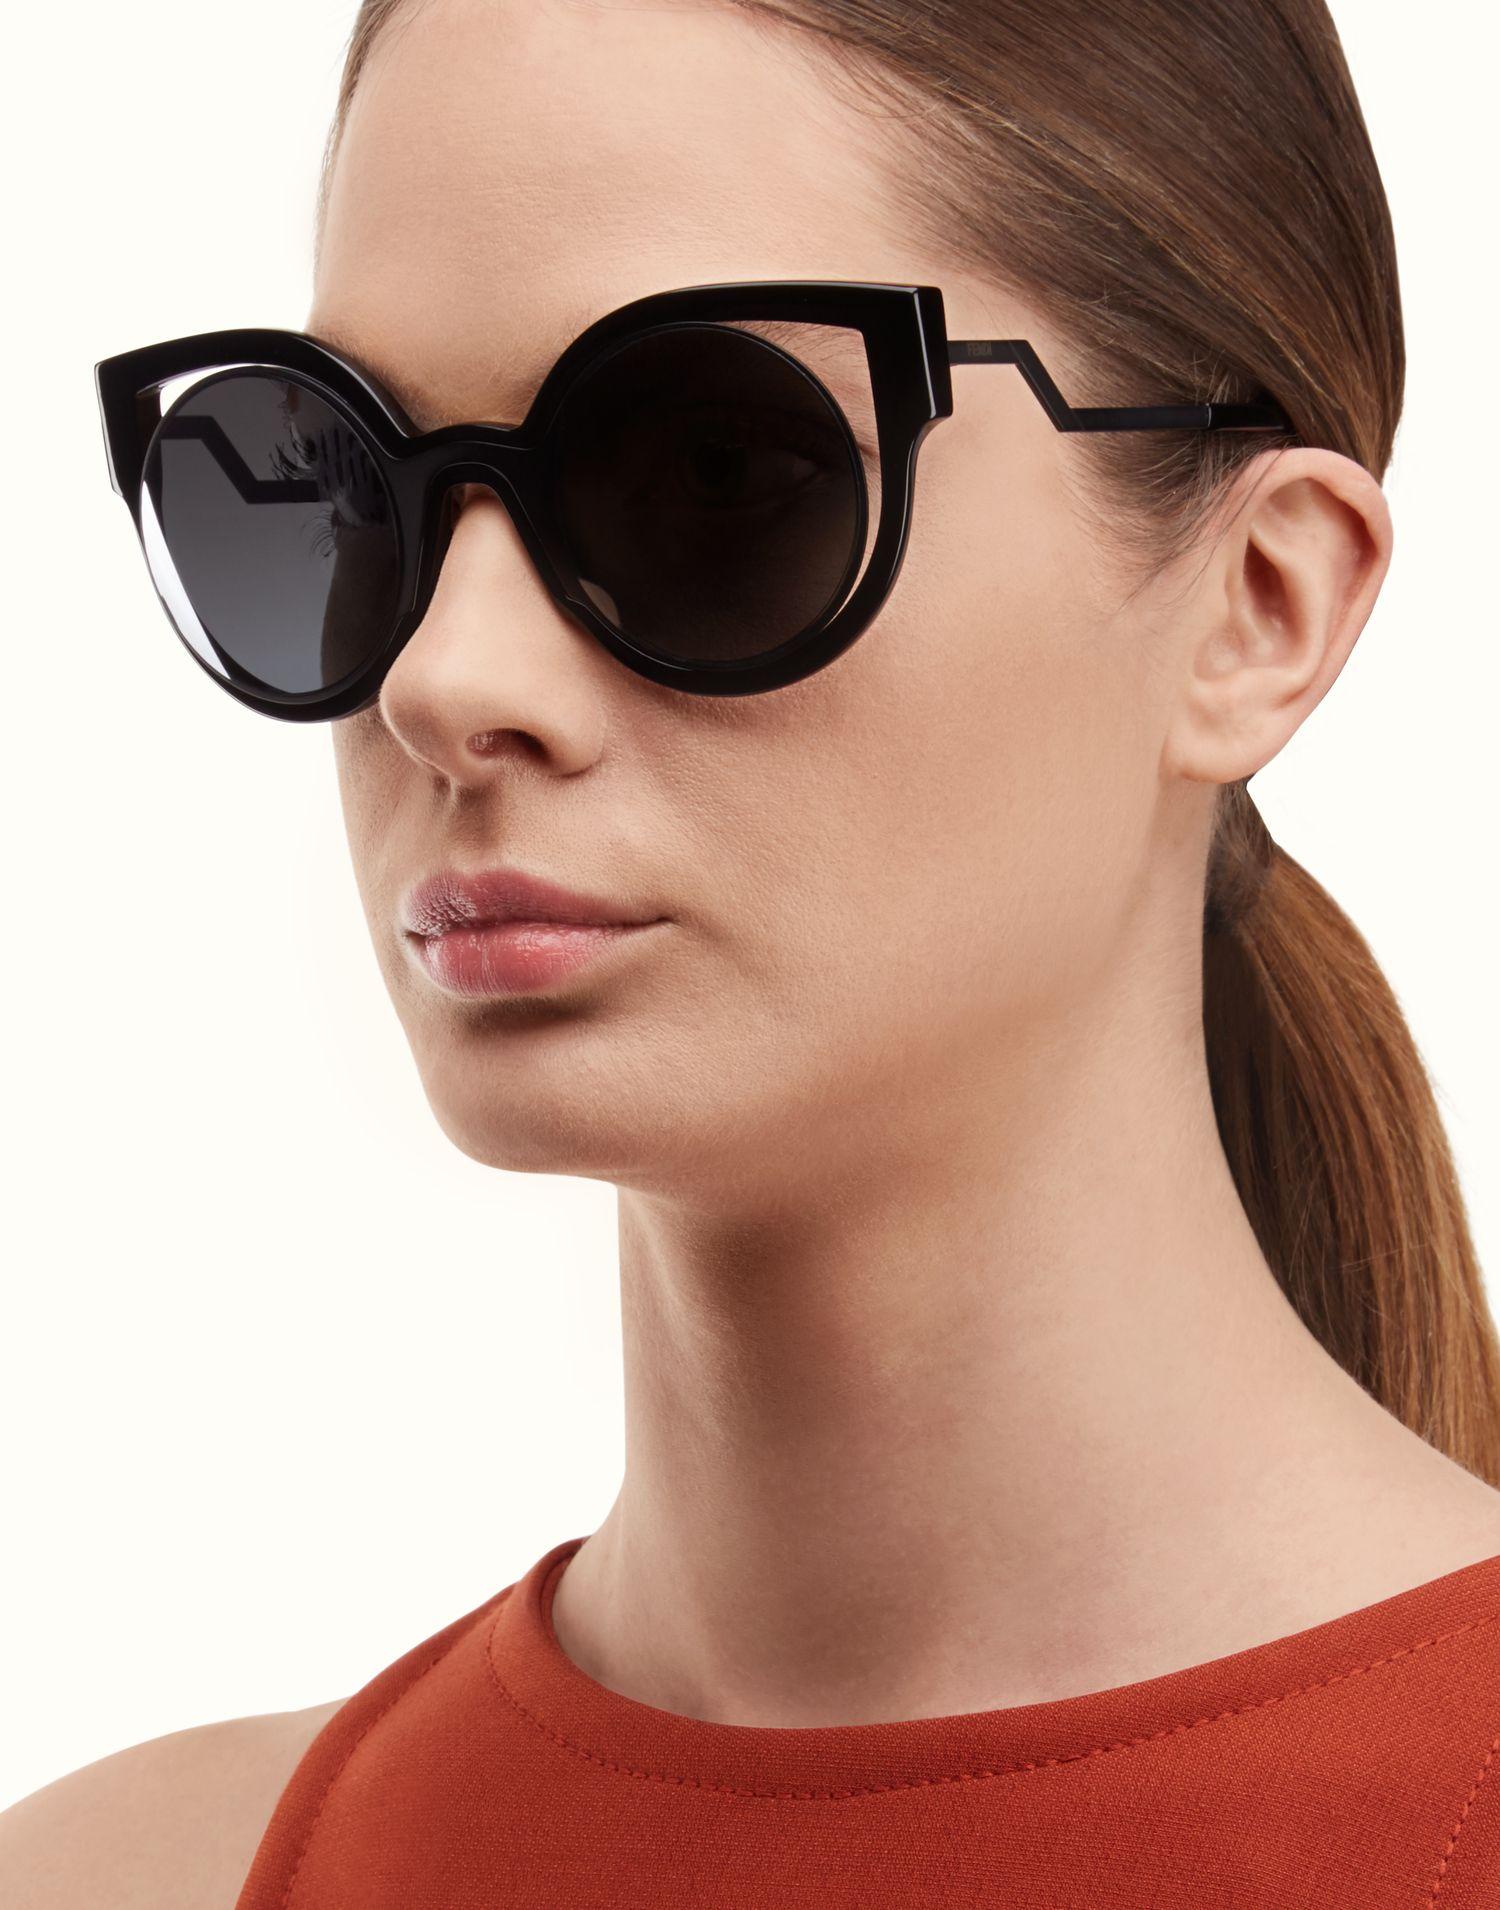 FENDI PARADEYES Fashion Show round sunglasses